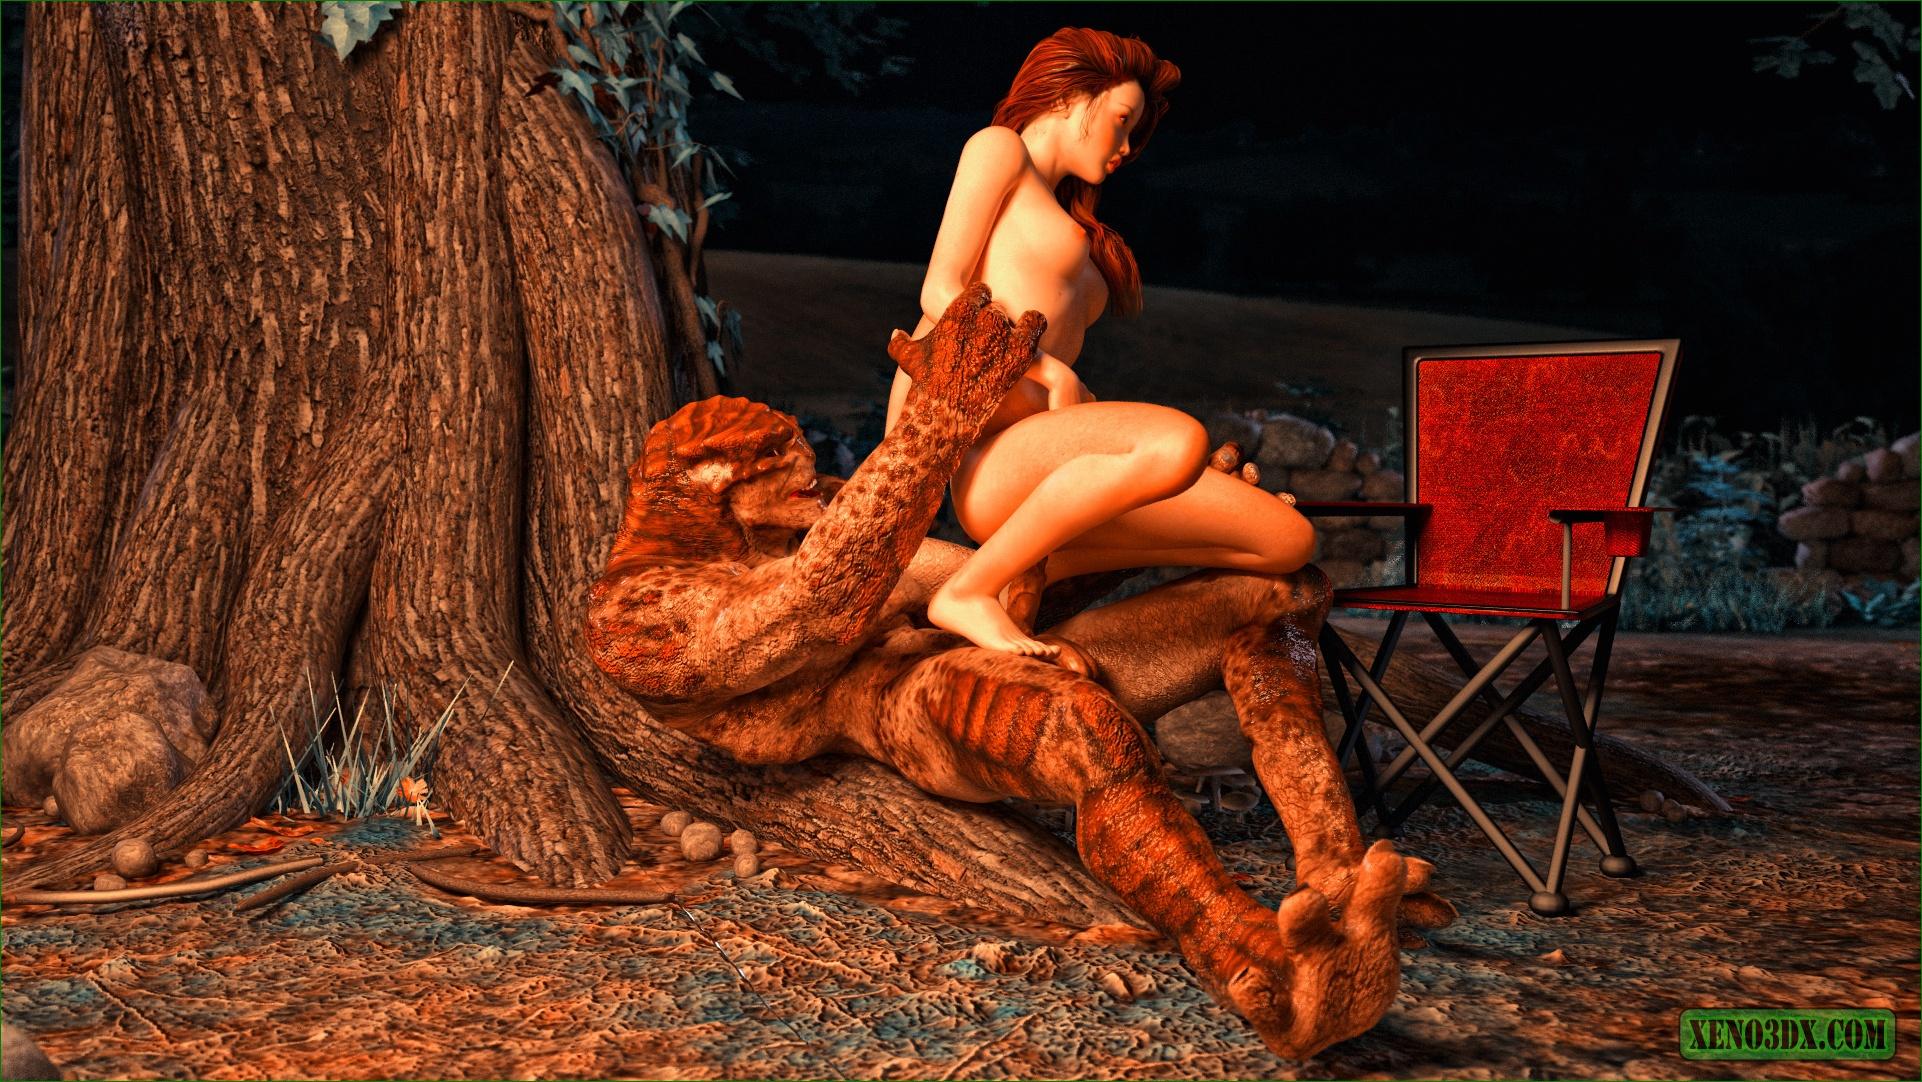 Demonporn erotic pics